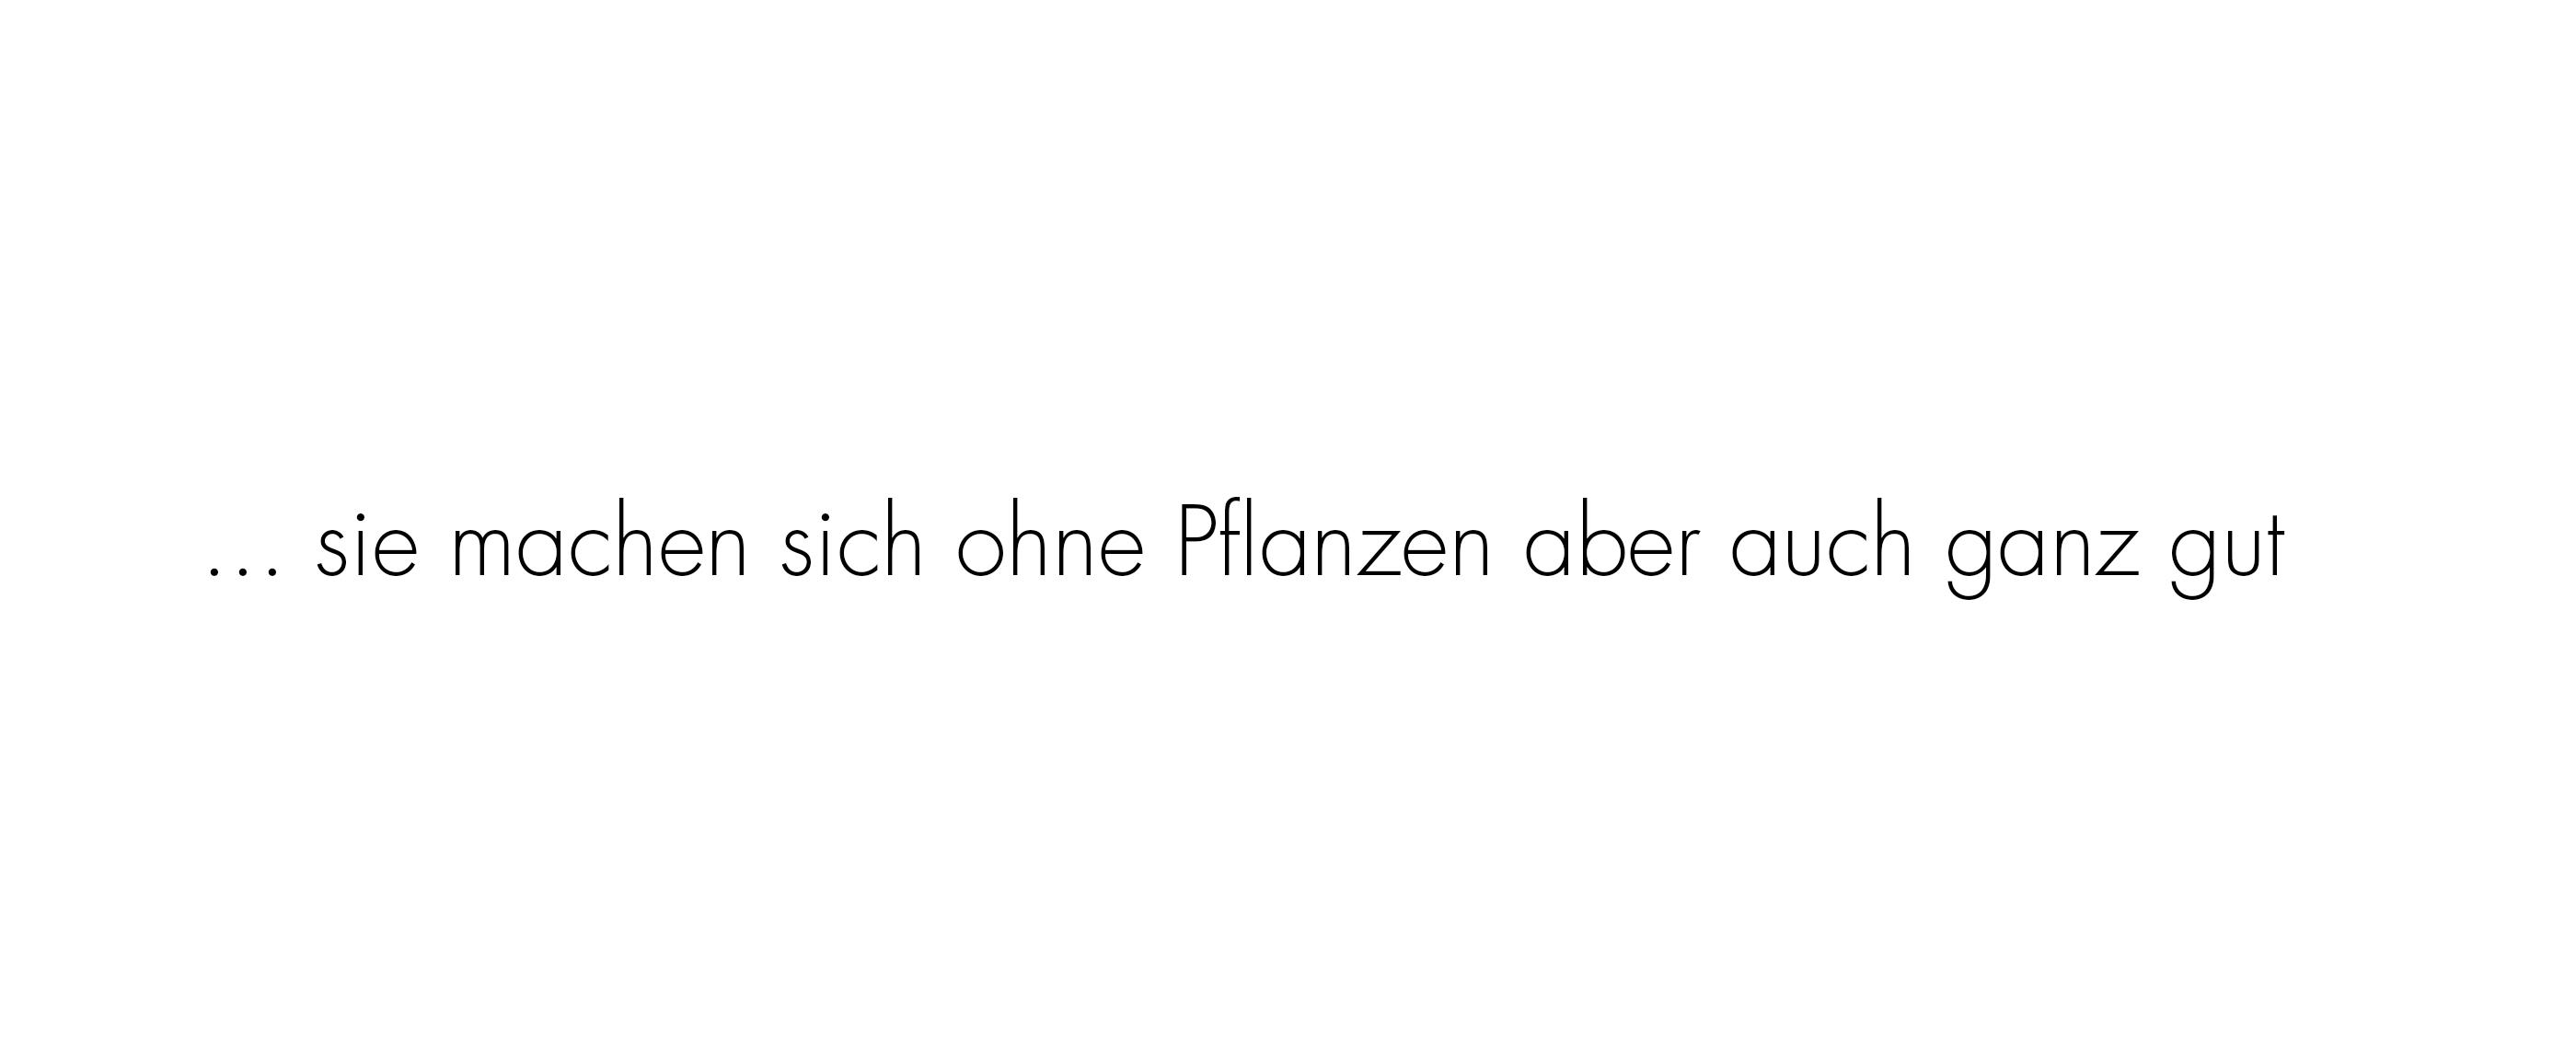 Text_Luftpflanzen_2